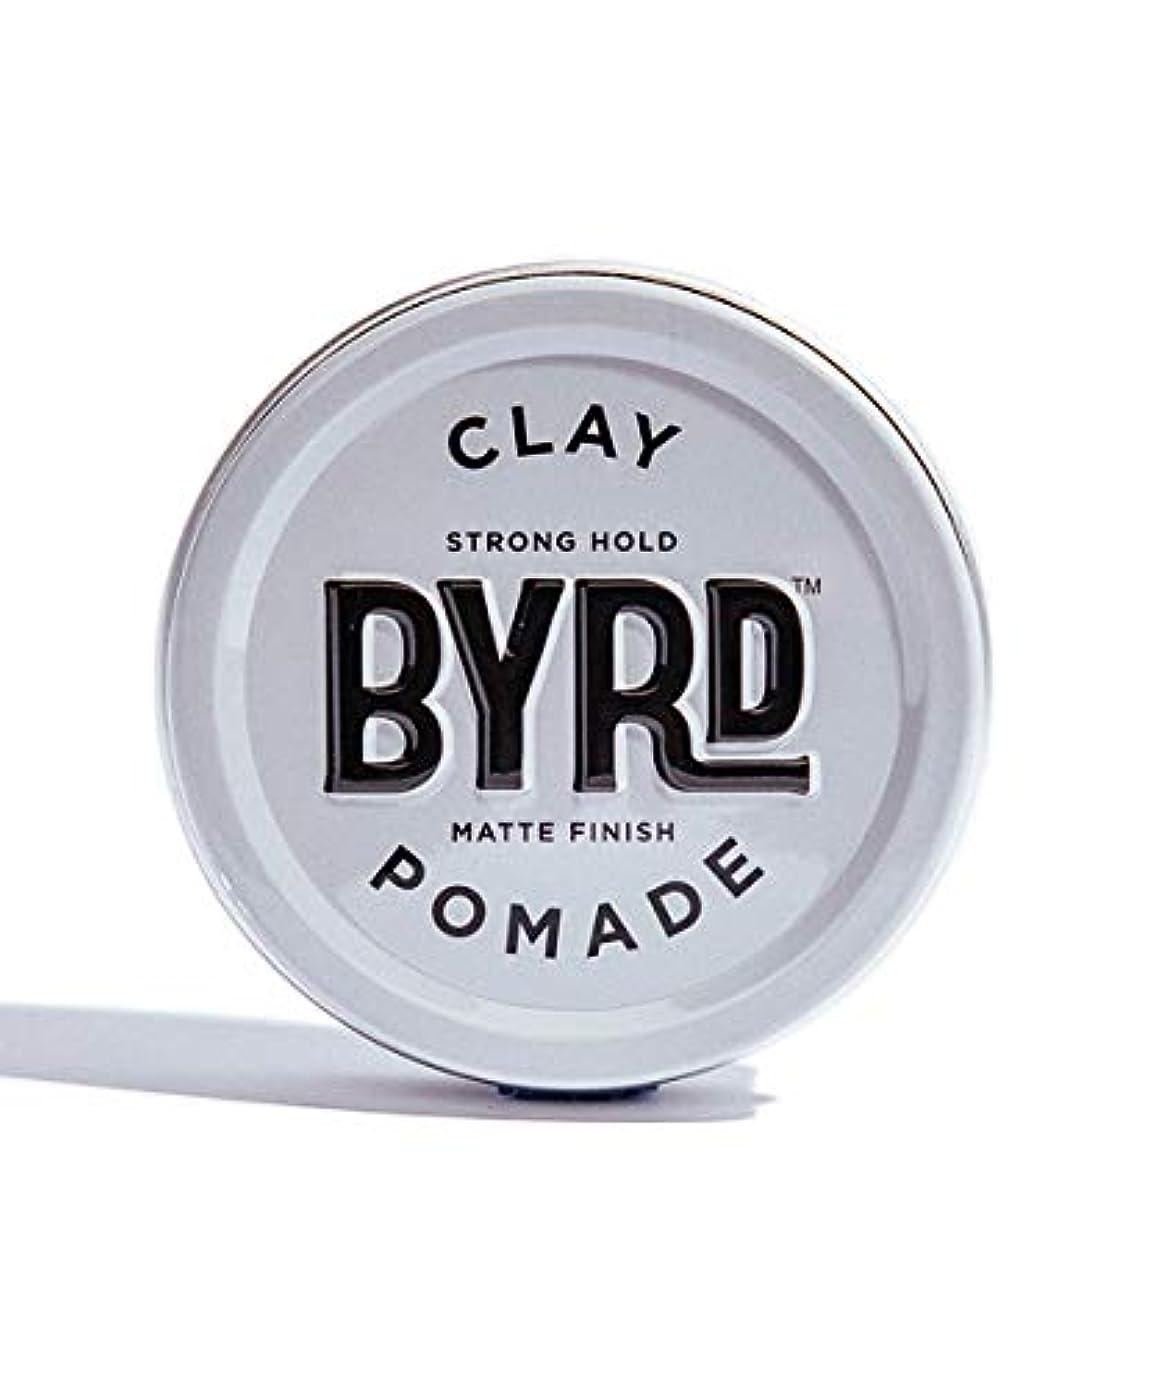 激しい治療同化するBYRD/クレイポマード 95g メンズコスメ ワックス ヘアスタイリング かっこいい モテ髪